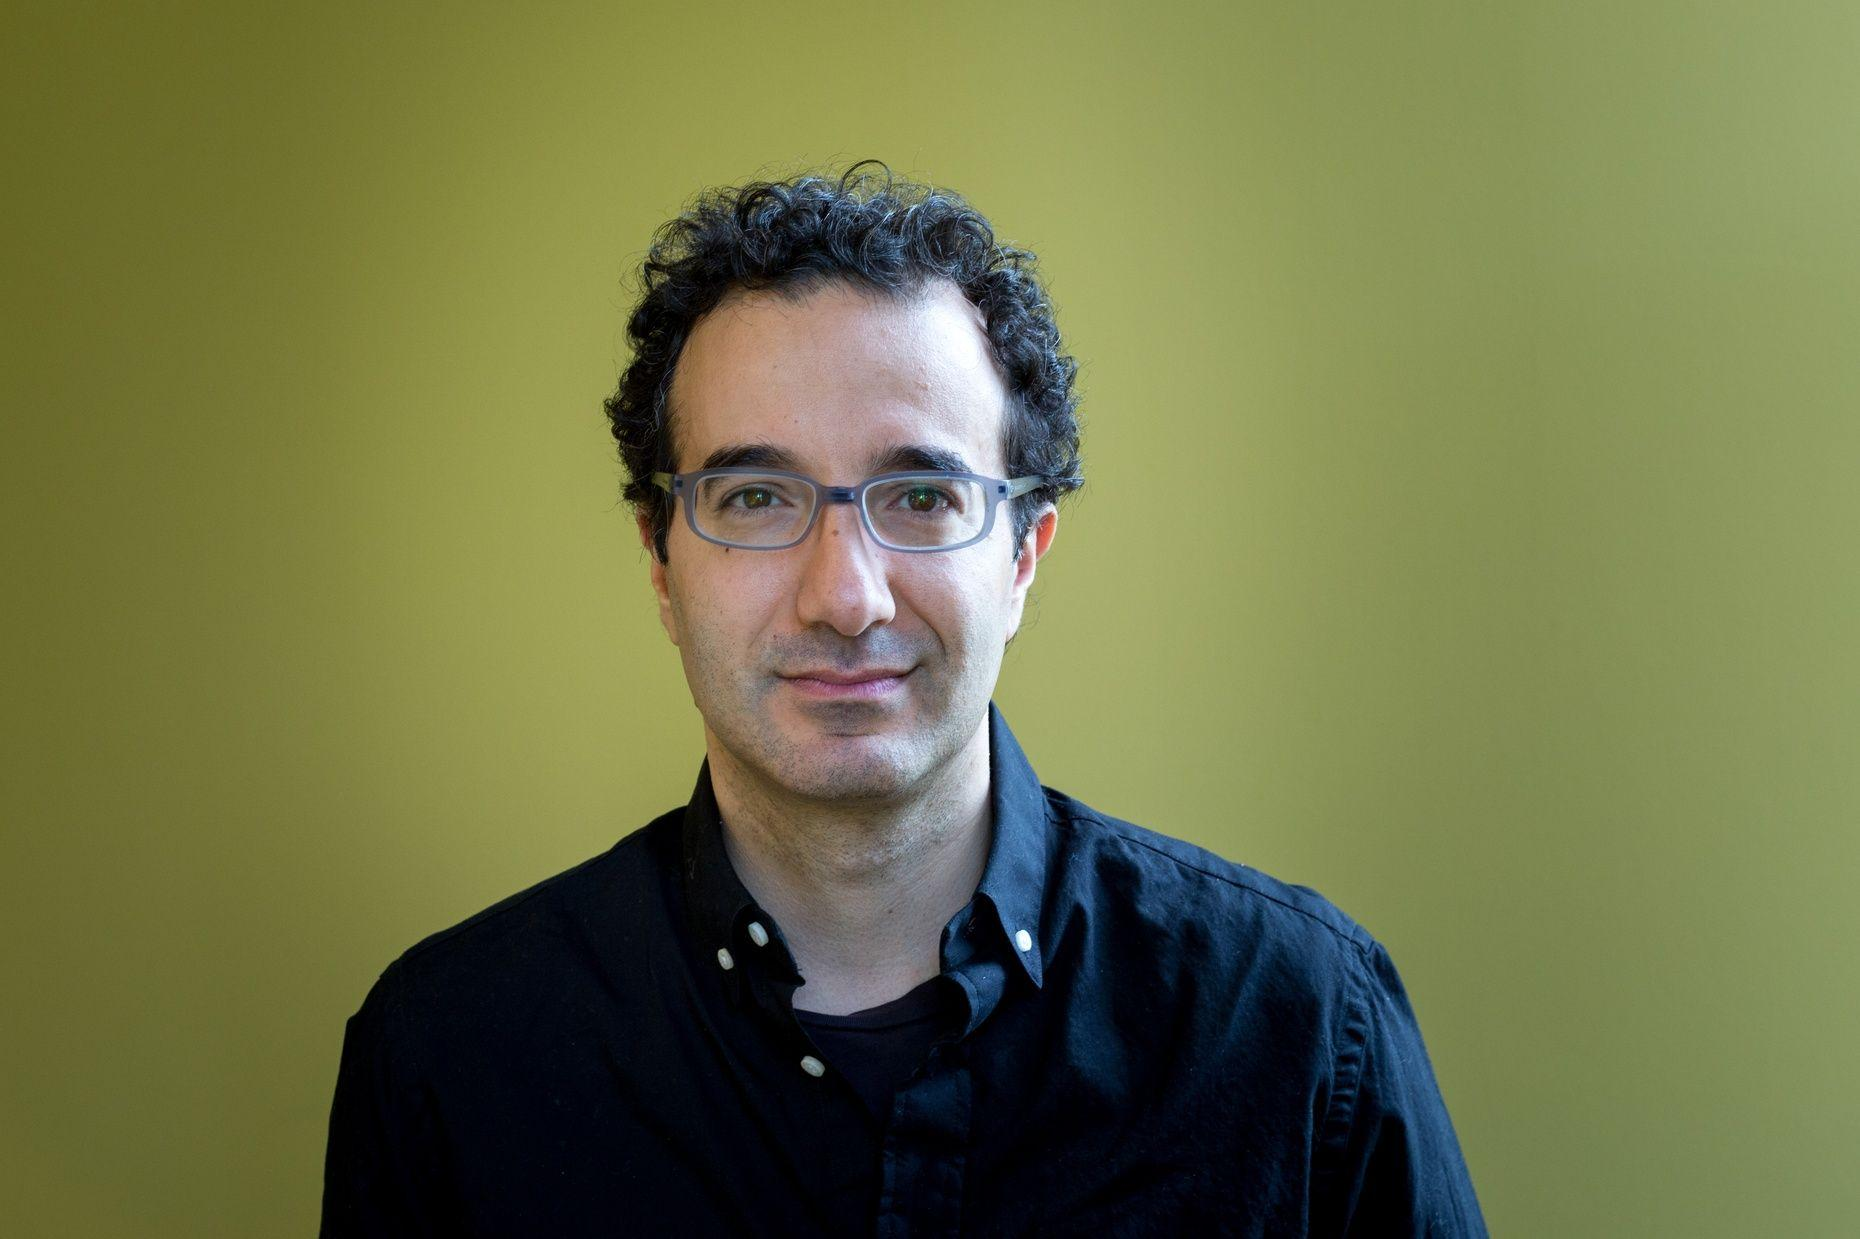 Jad Abumrad, host of RadioLab.